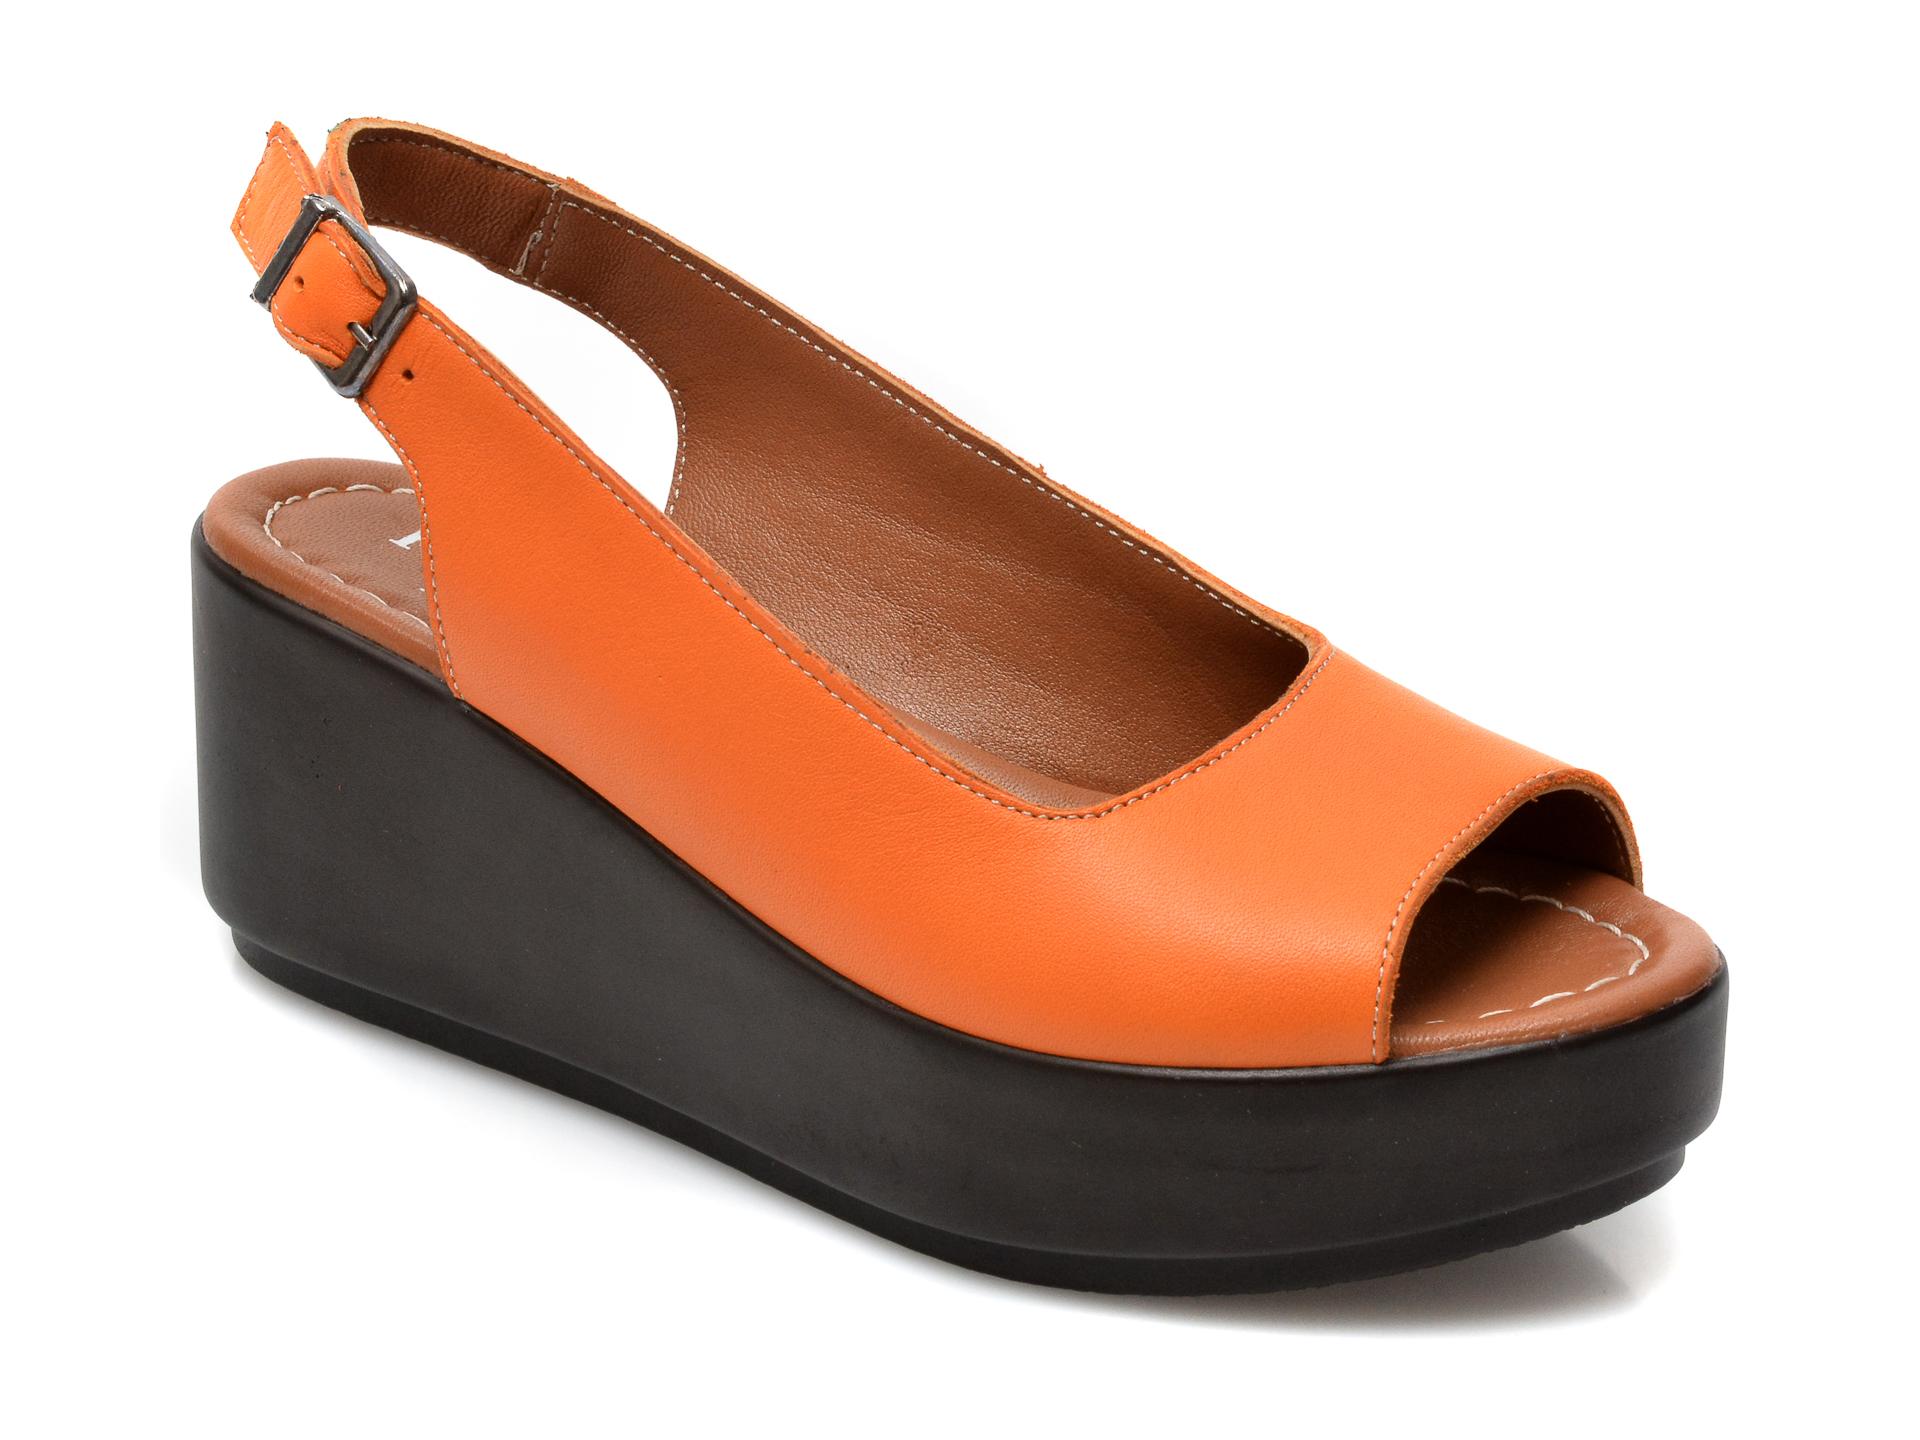 Sandale FLAVIA PASSINI portocalii, 808, din piele naturala imagine otter.ro 2021